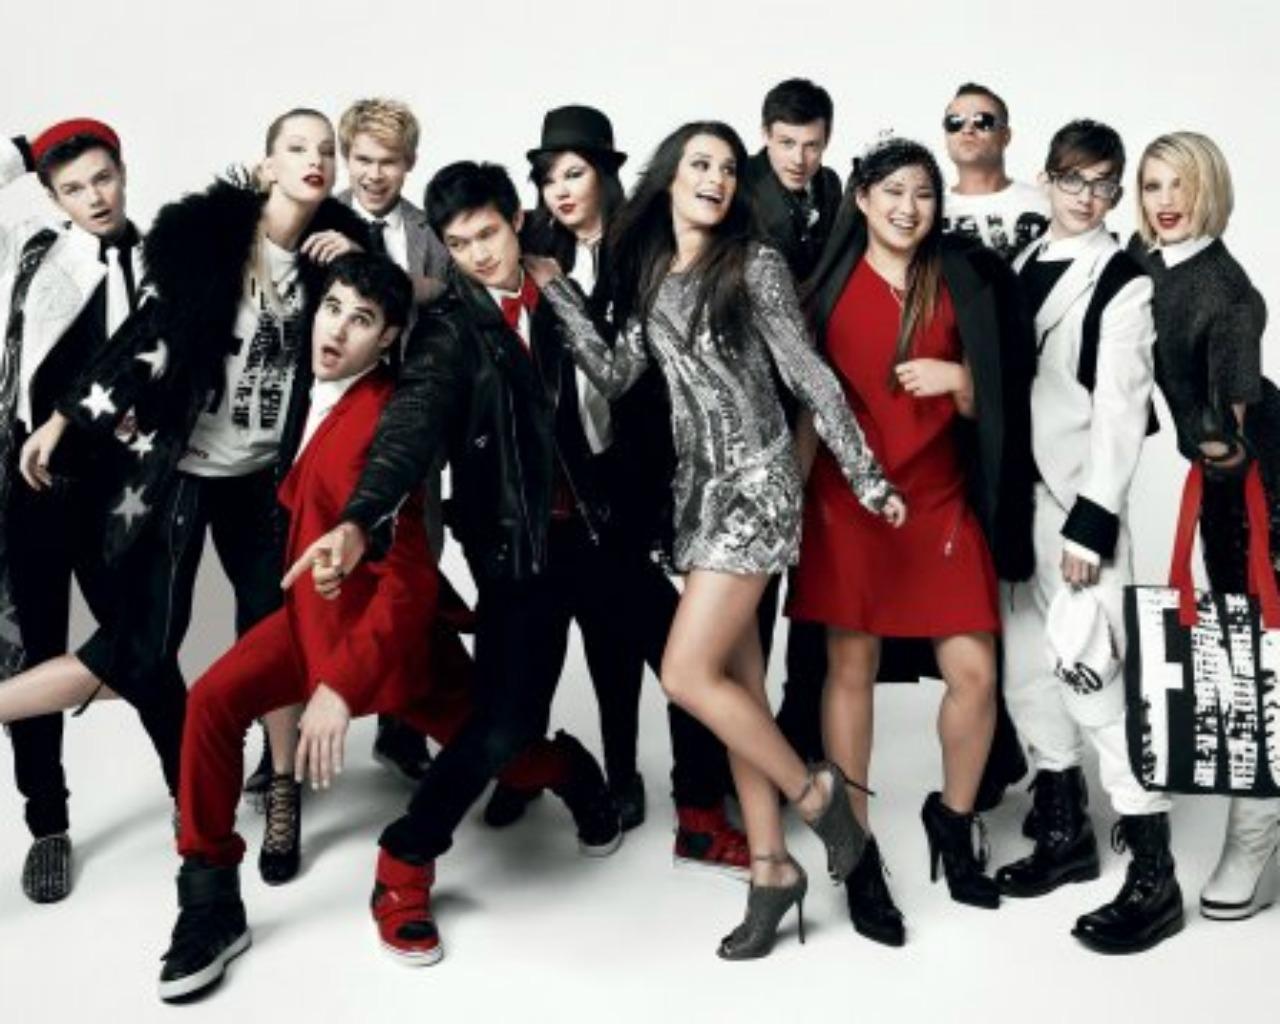 Glee-cast-glee-26569403-1280-1024